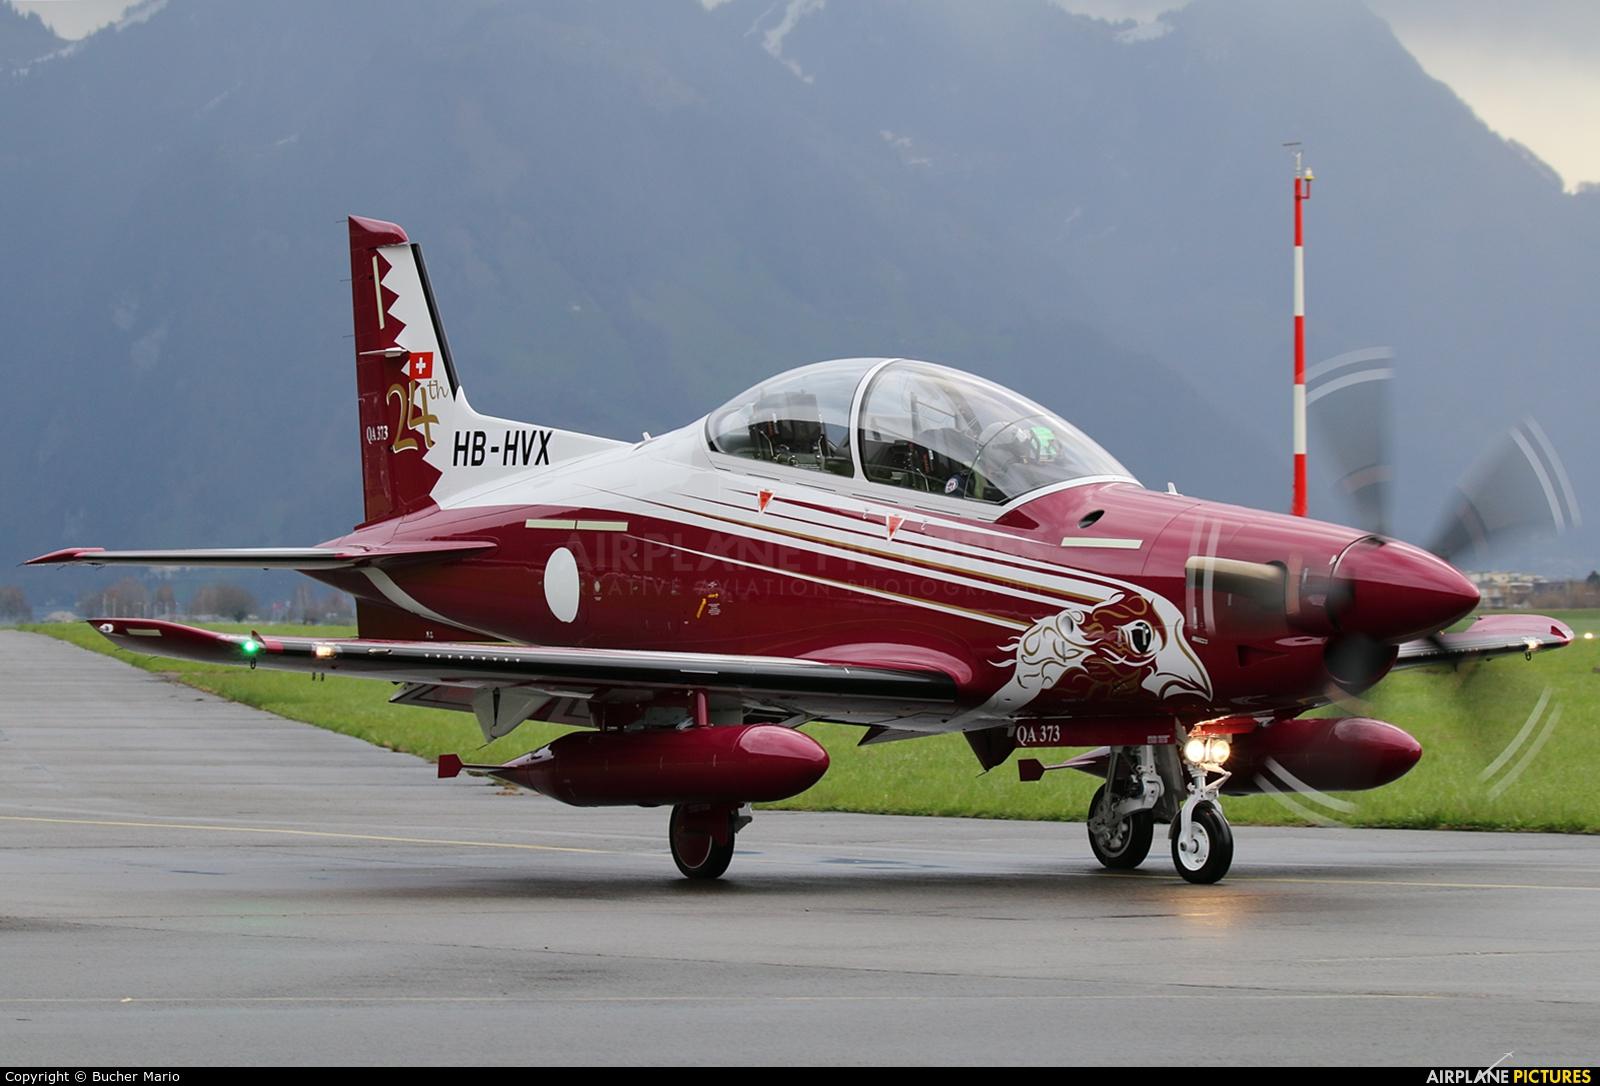 Qatar Amiri - Air Force HB-HVX aircraft at Buochs